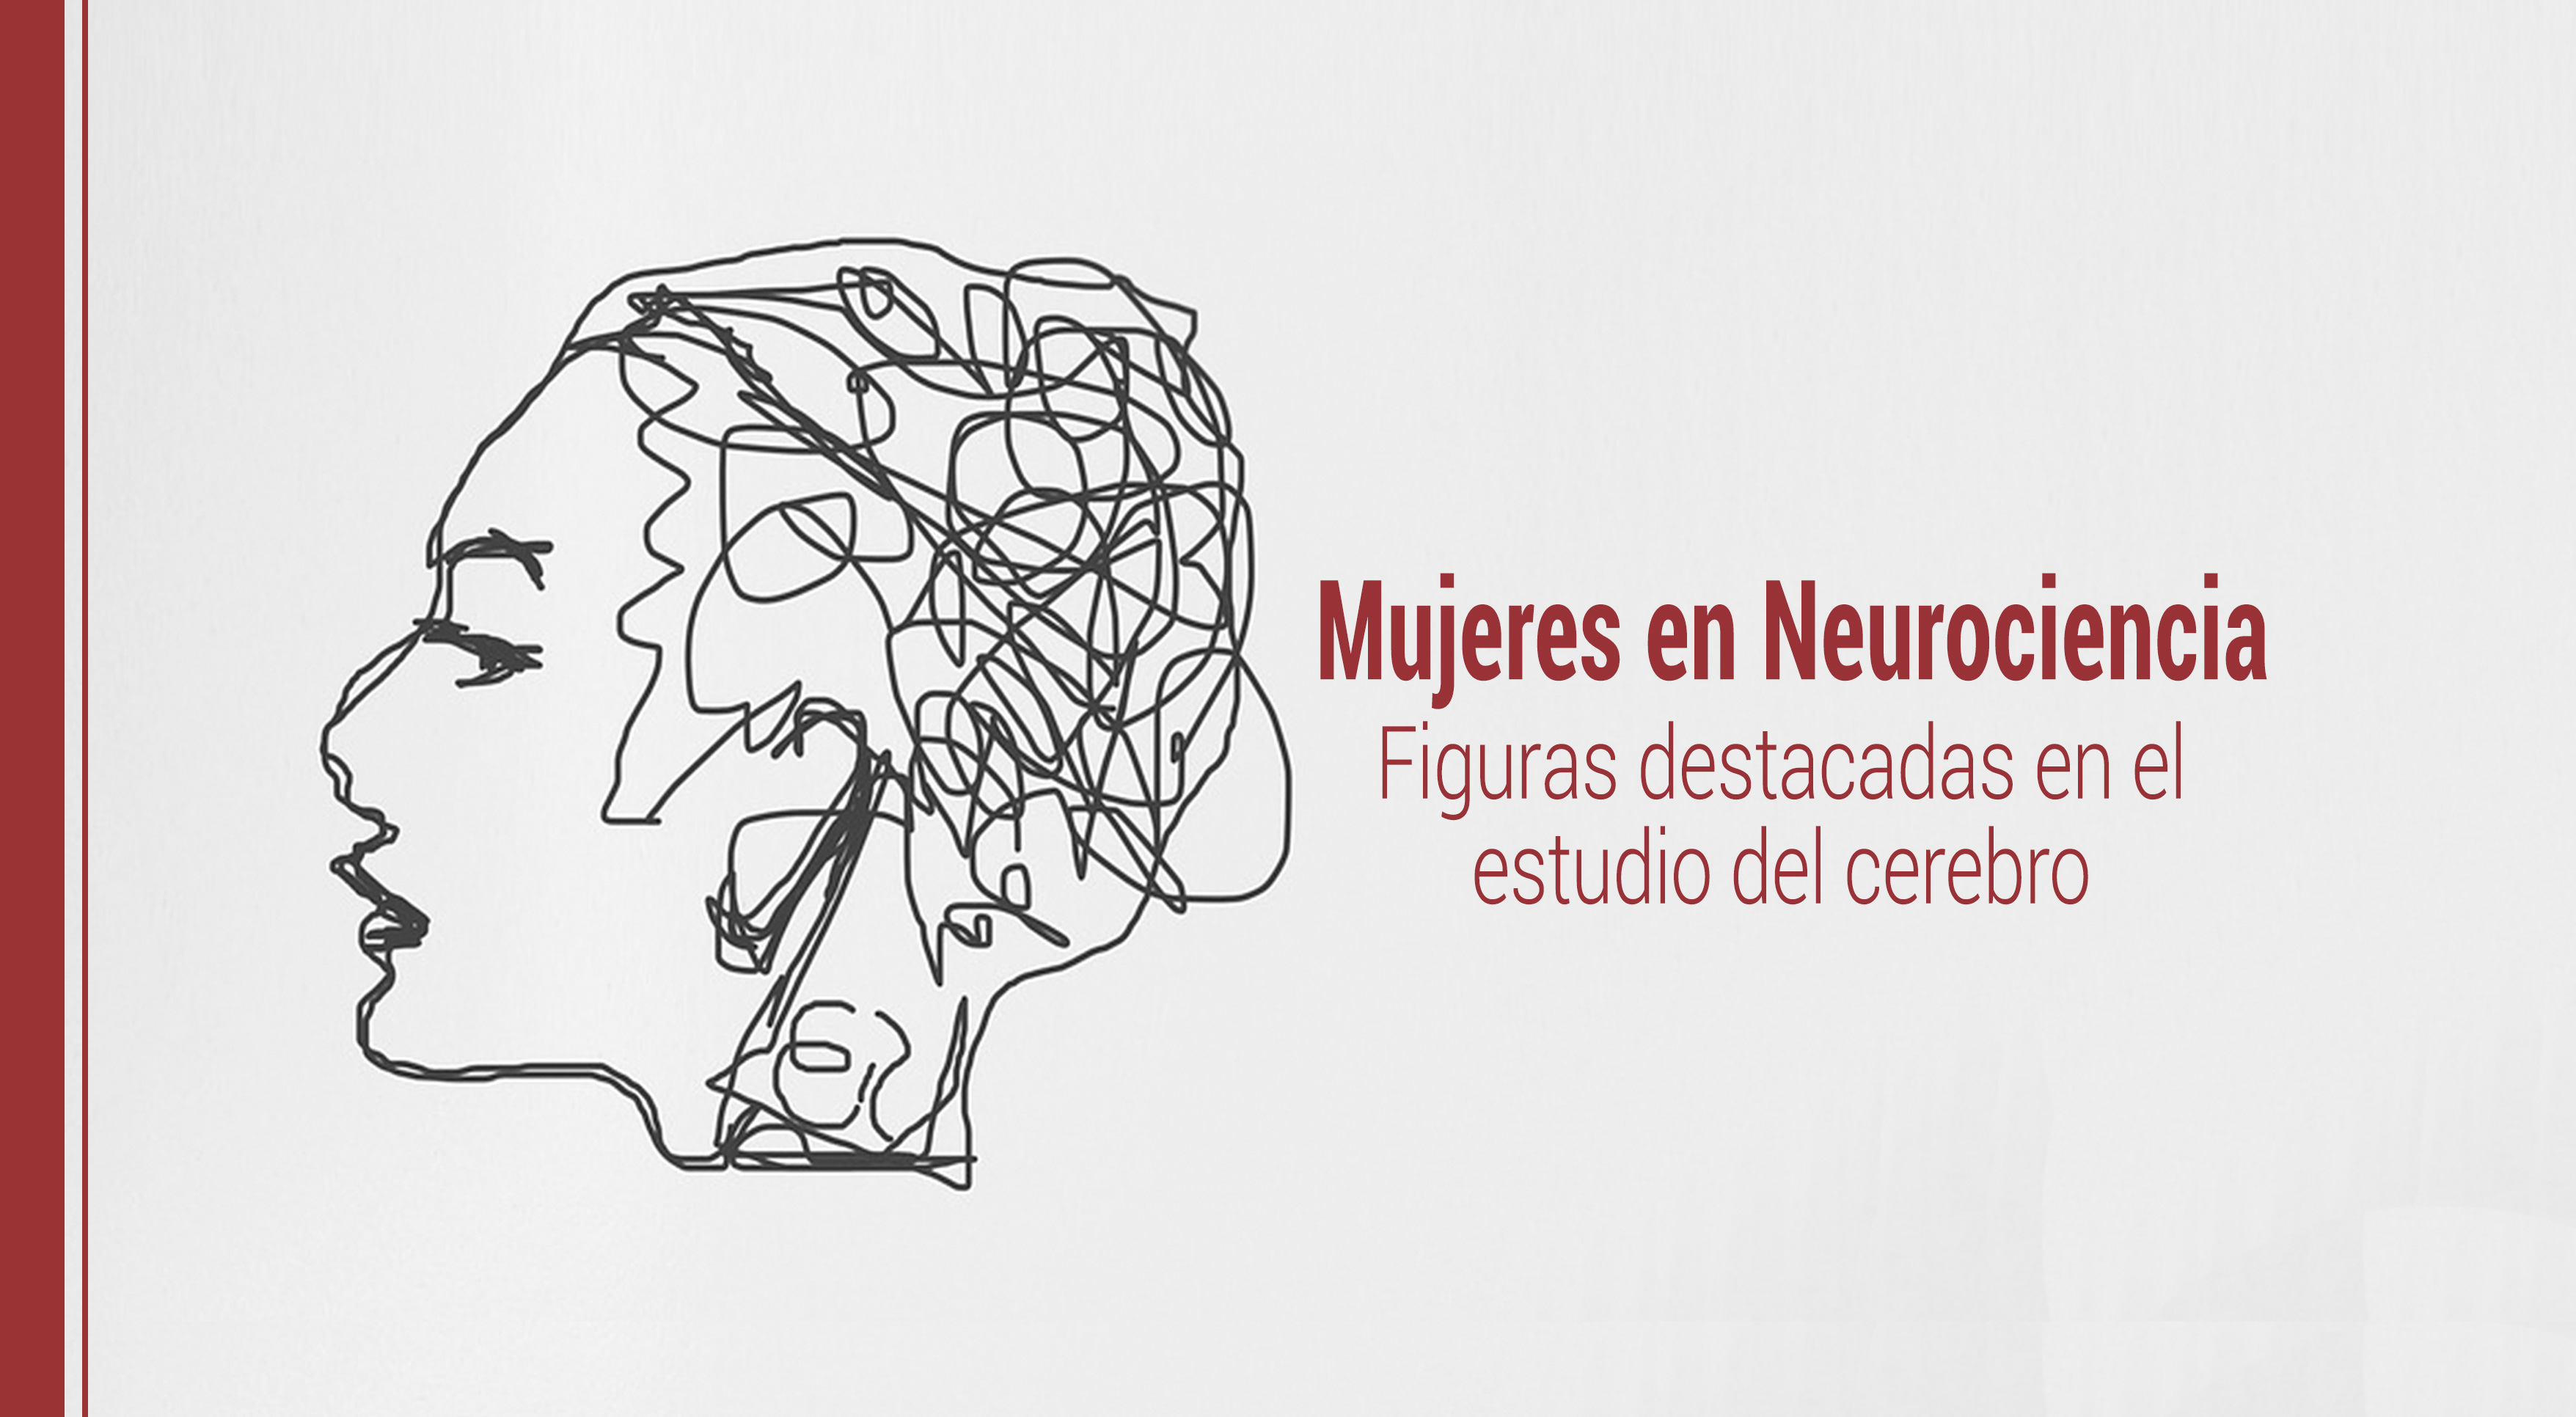 mujeres-en-neurociencia-figuras-destacadas-estudio-cerebro Mujeres en Neurociencia: figuras destacadas en el estudio del cerebro